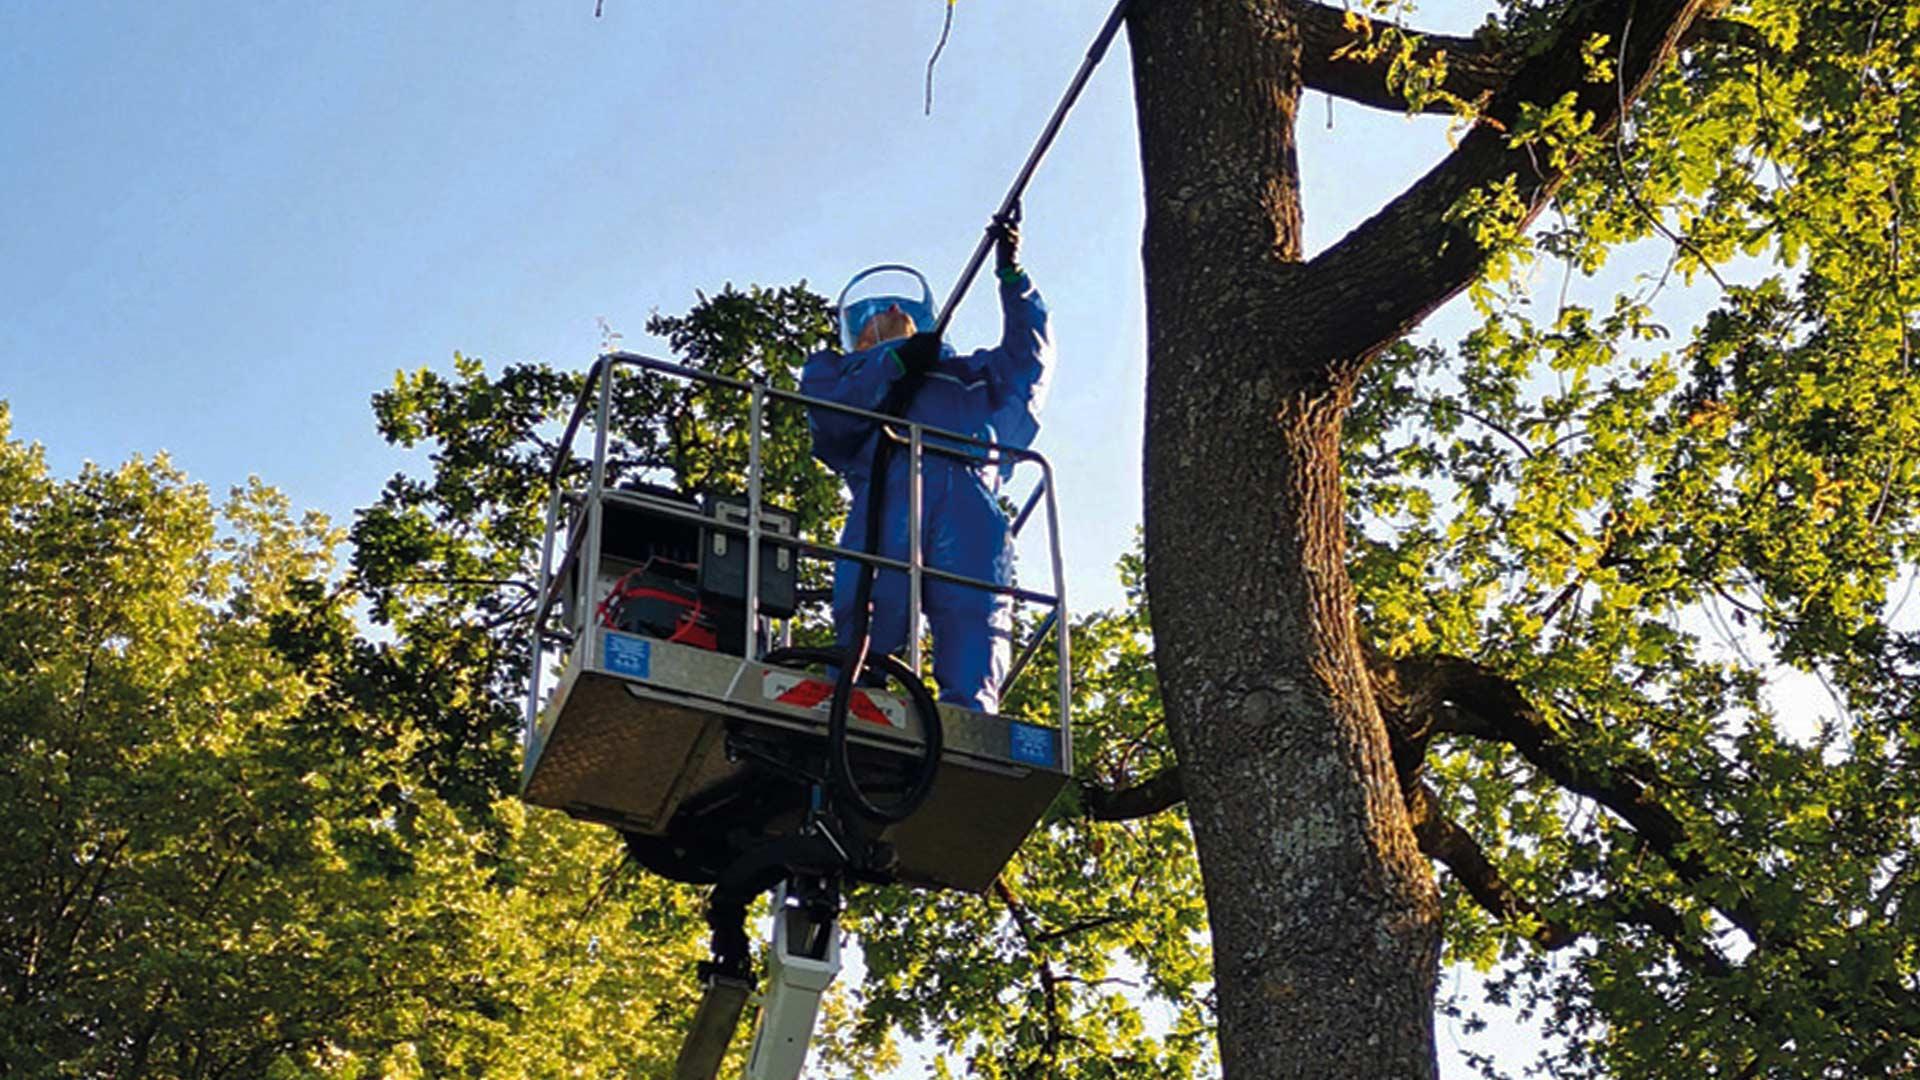 Fleschhut Schädlingsbekämpfung sammelt den Eichenprozessionsspinner von einem Baum ab